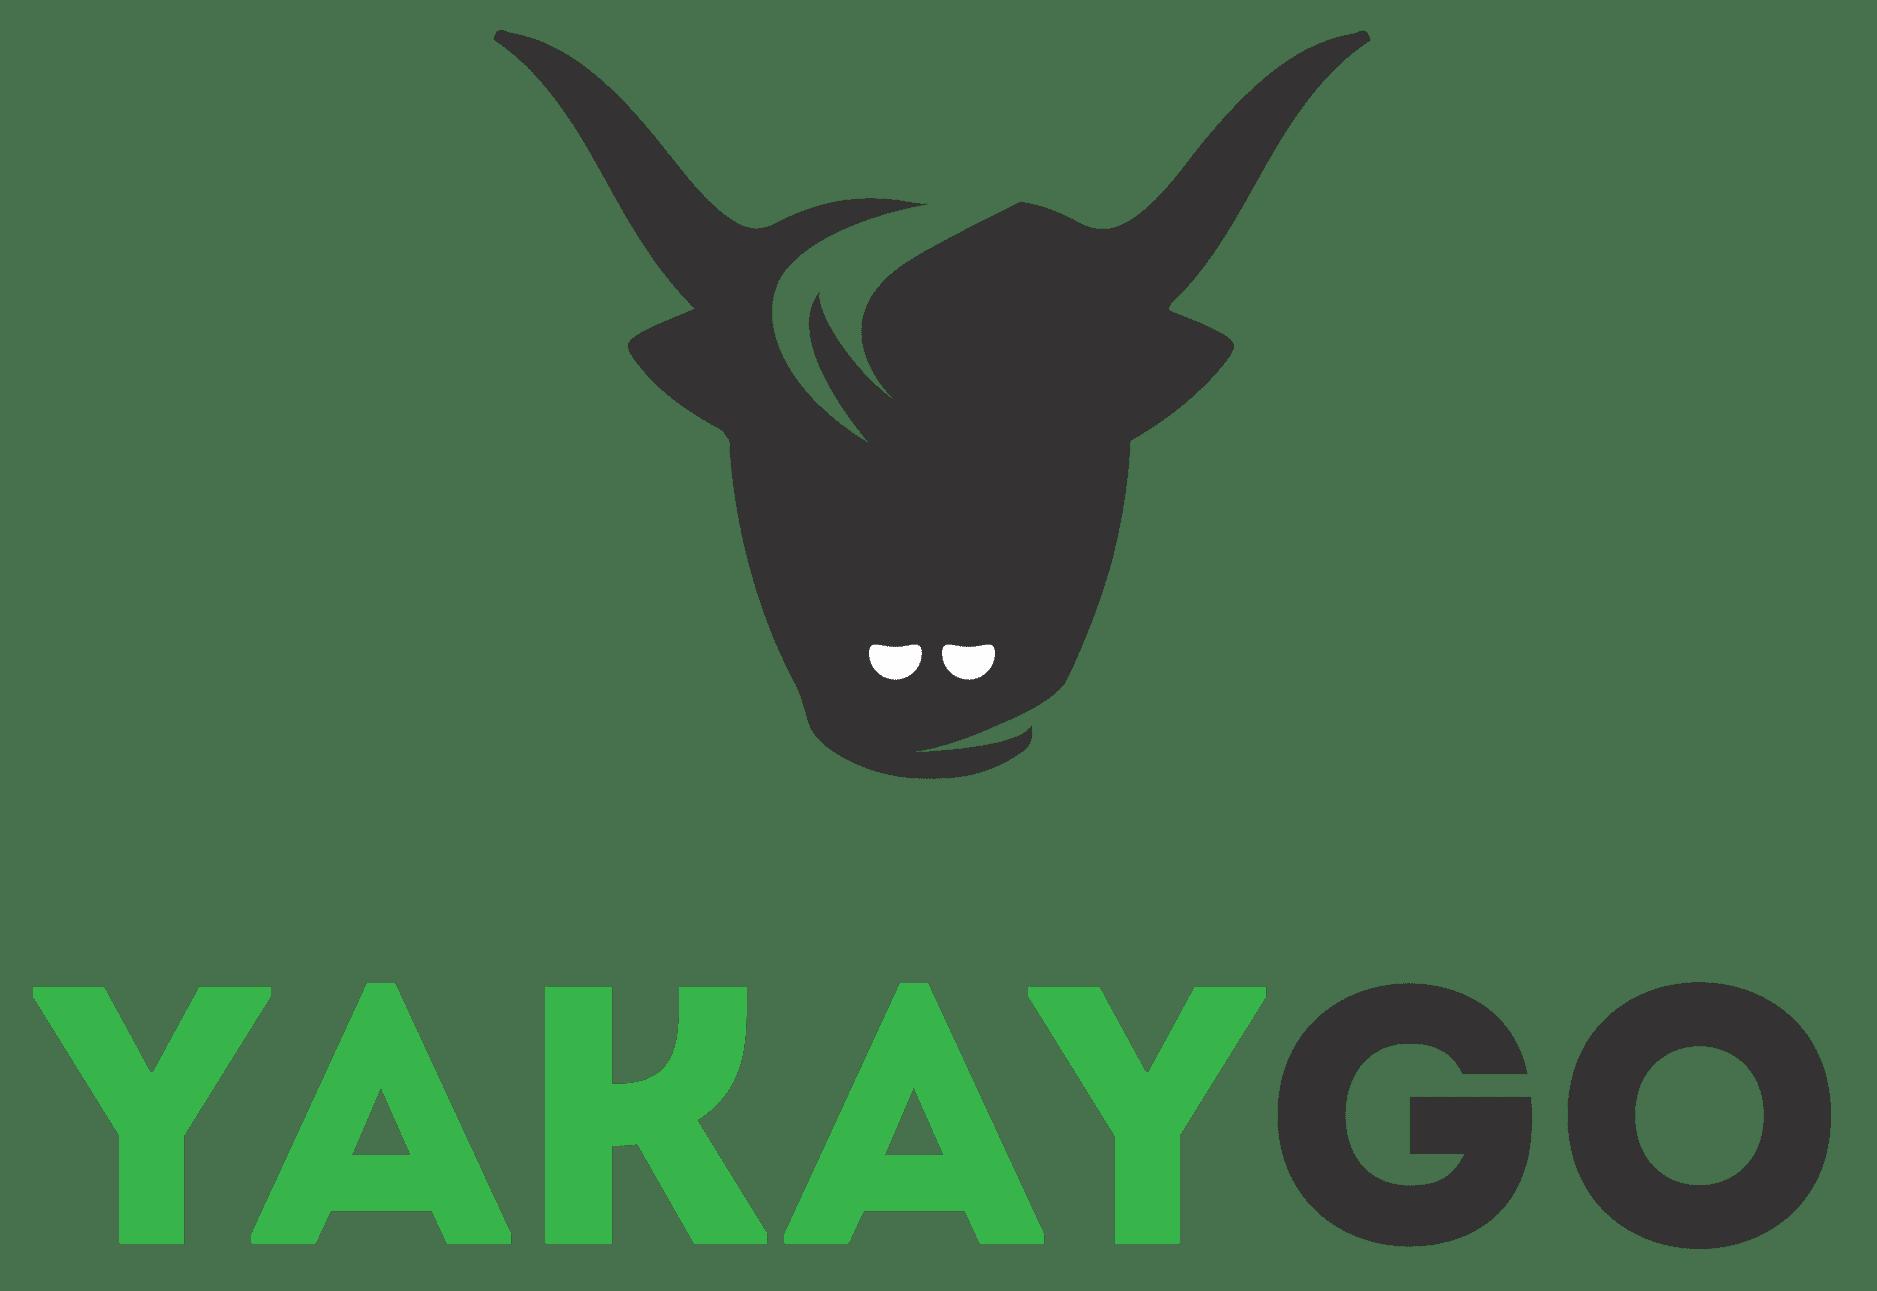 Yakaygo